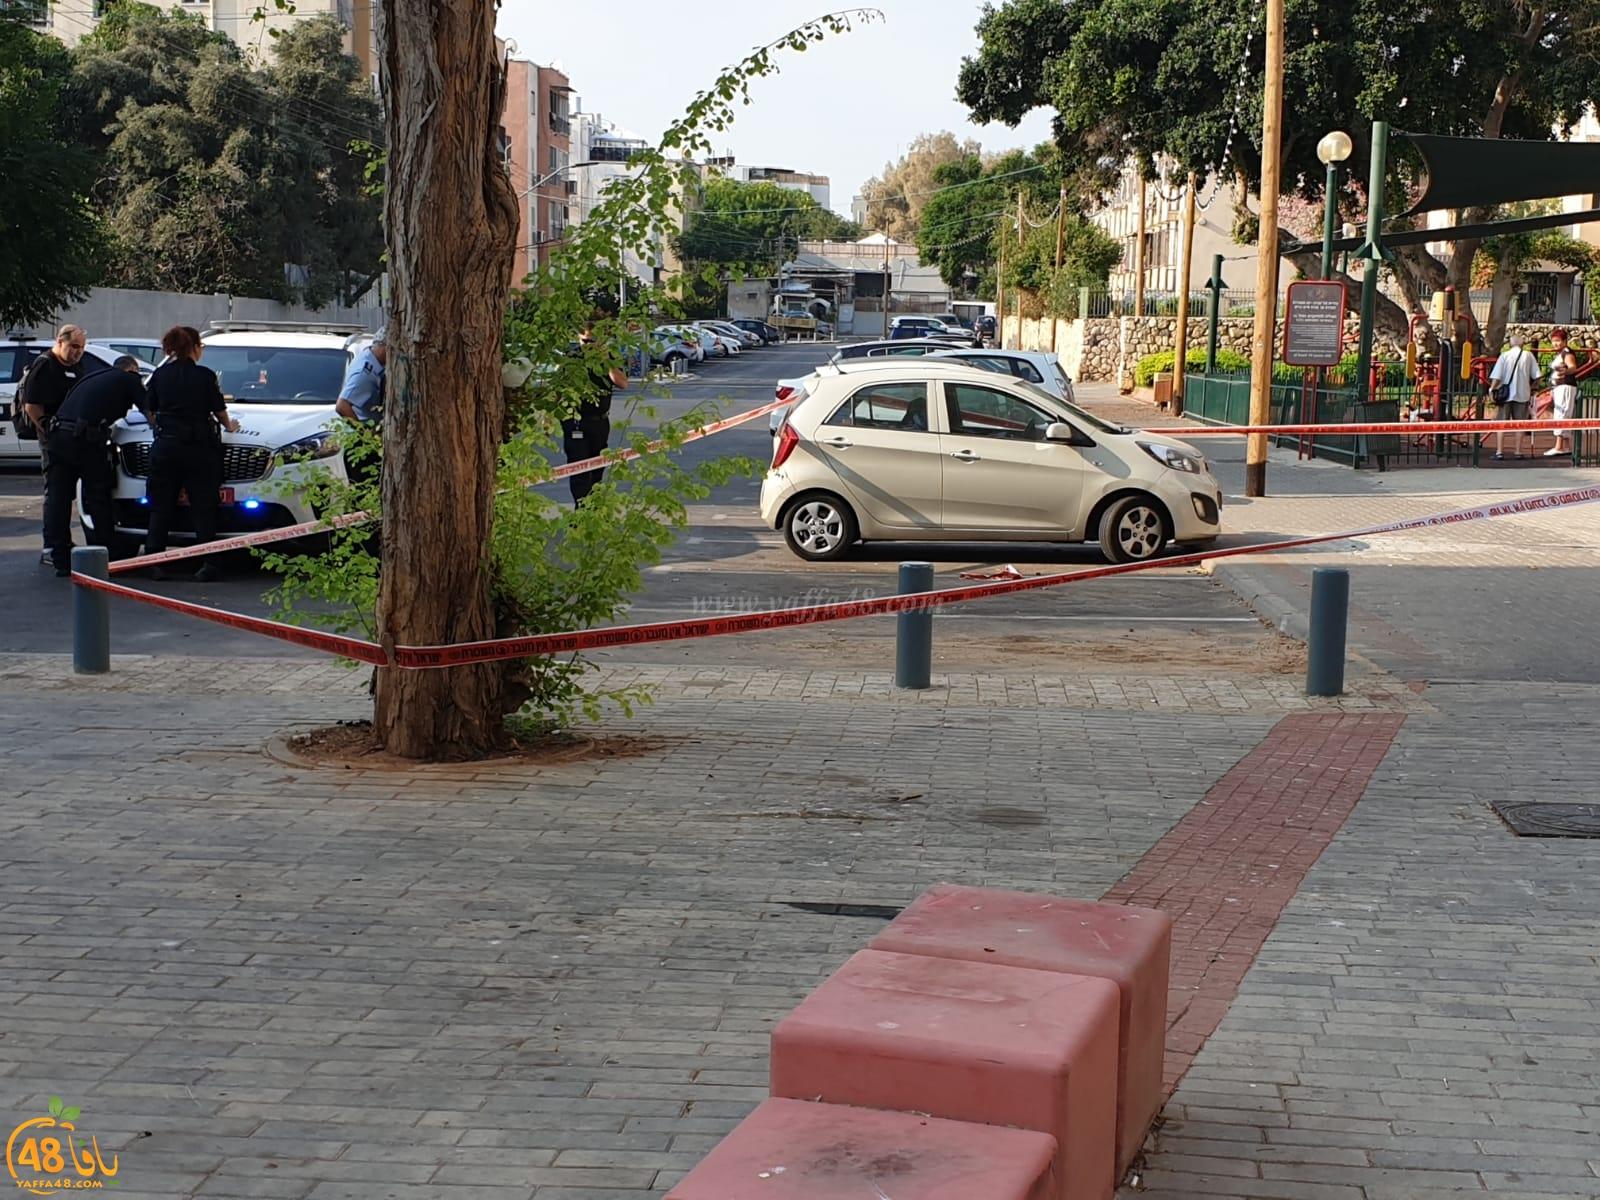 يافا: إصابة سيدة مسنّة اثر محاولة السطو عليها والشرطة تبحث عن المشتبه